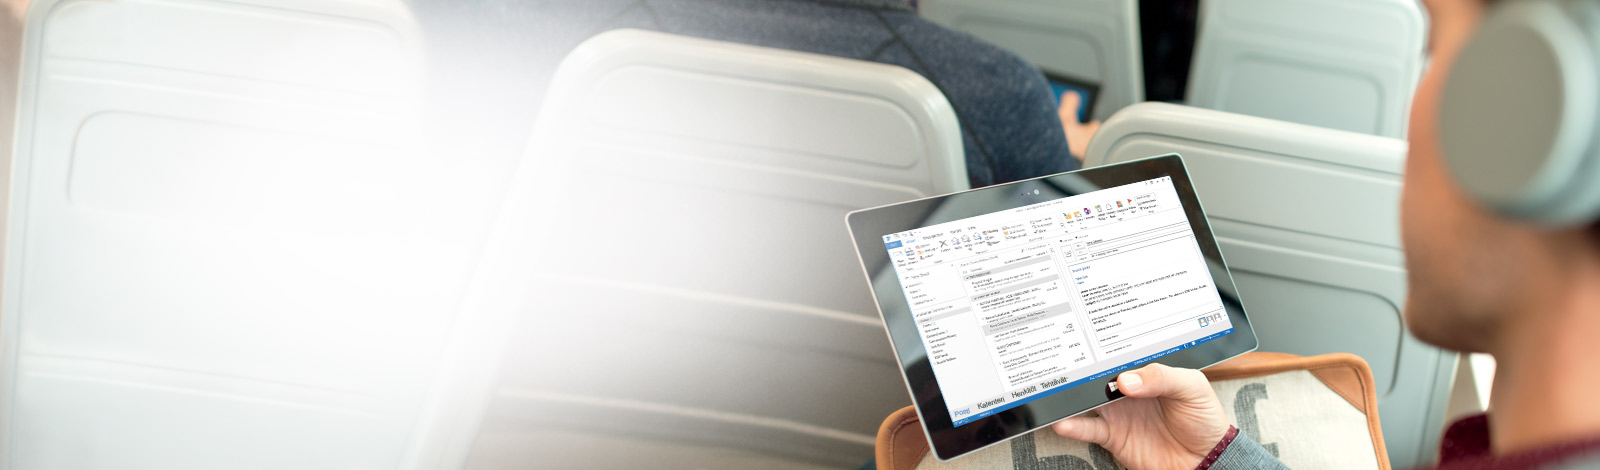 Mies pitelee taulutietokonetta, jossa näkyy Saapuneet-kansio. Voit käyttää sähköpostia missä tahansa Office 365:n avulla.